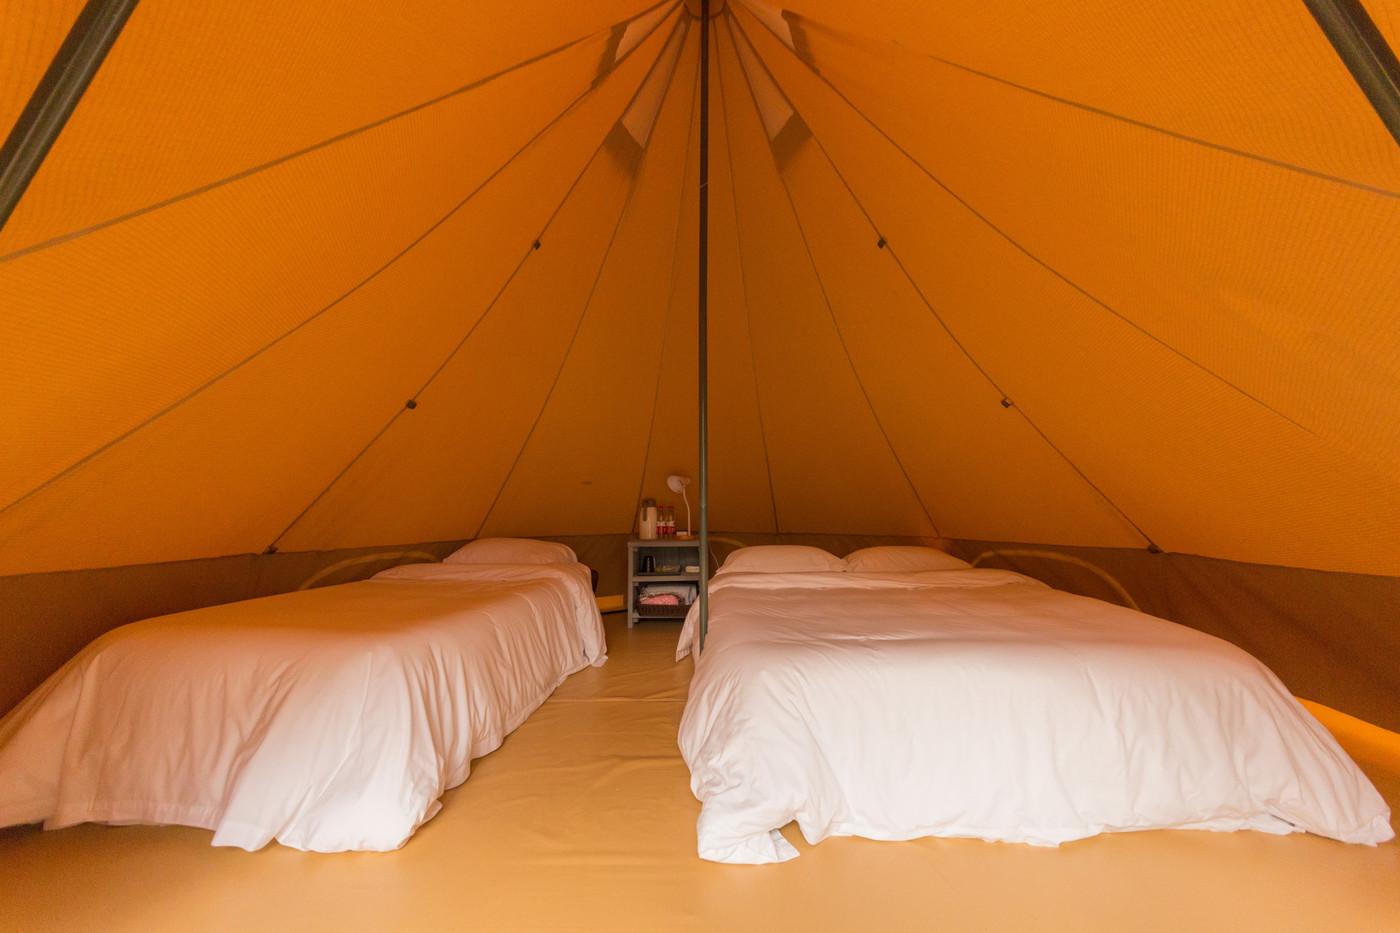 喜马拉雅野奢帐篷酒店—江苏常州天目湖树屋帐篷酒店36